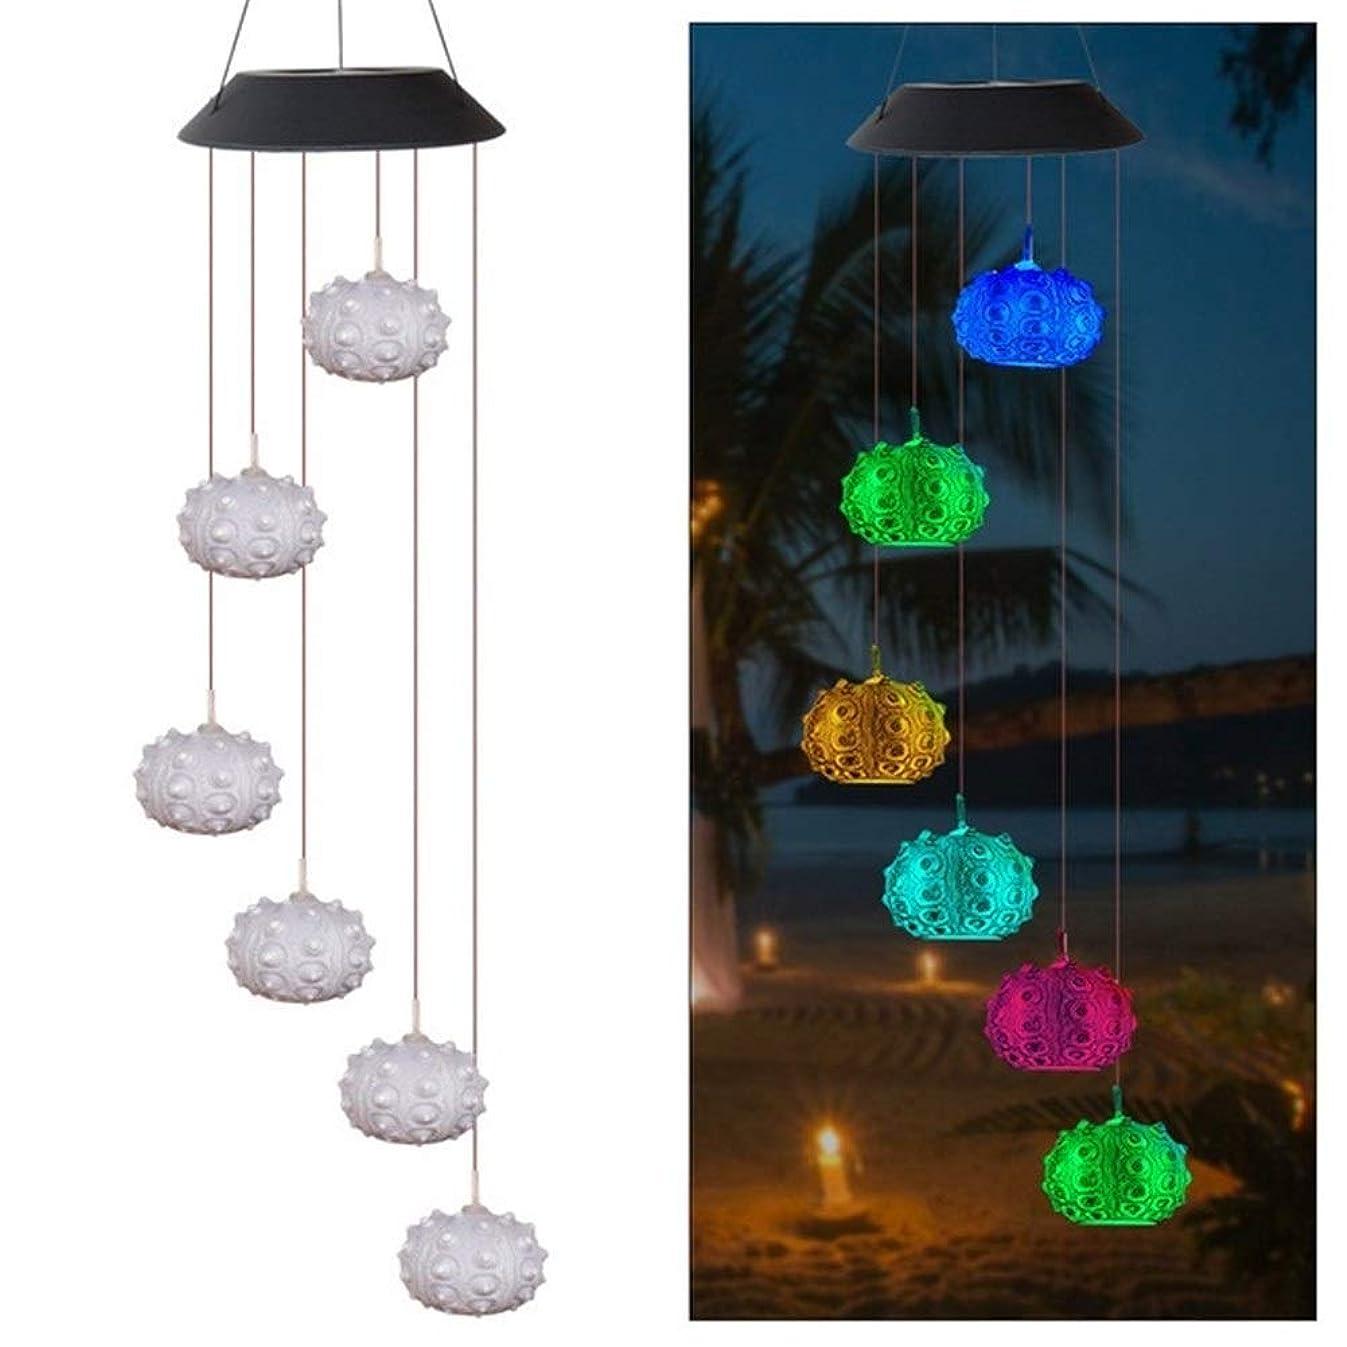 クロール裏切り者お別れソーラーライト LEDソーラーランプ風チャイムライトカラー防水庭の装飾ランプをフック屋外の庭景観照明ライトをぶら下げ BTXXYJP (Color : 2, Size : One Size)